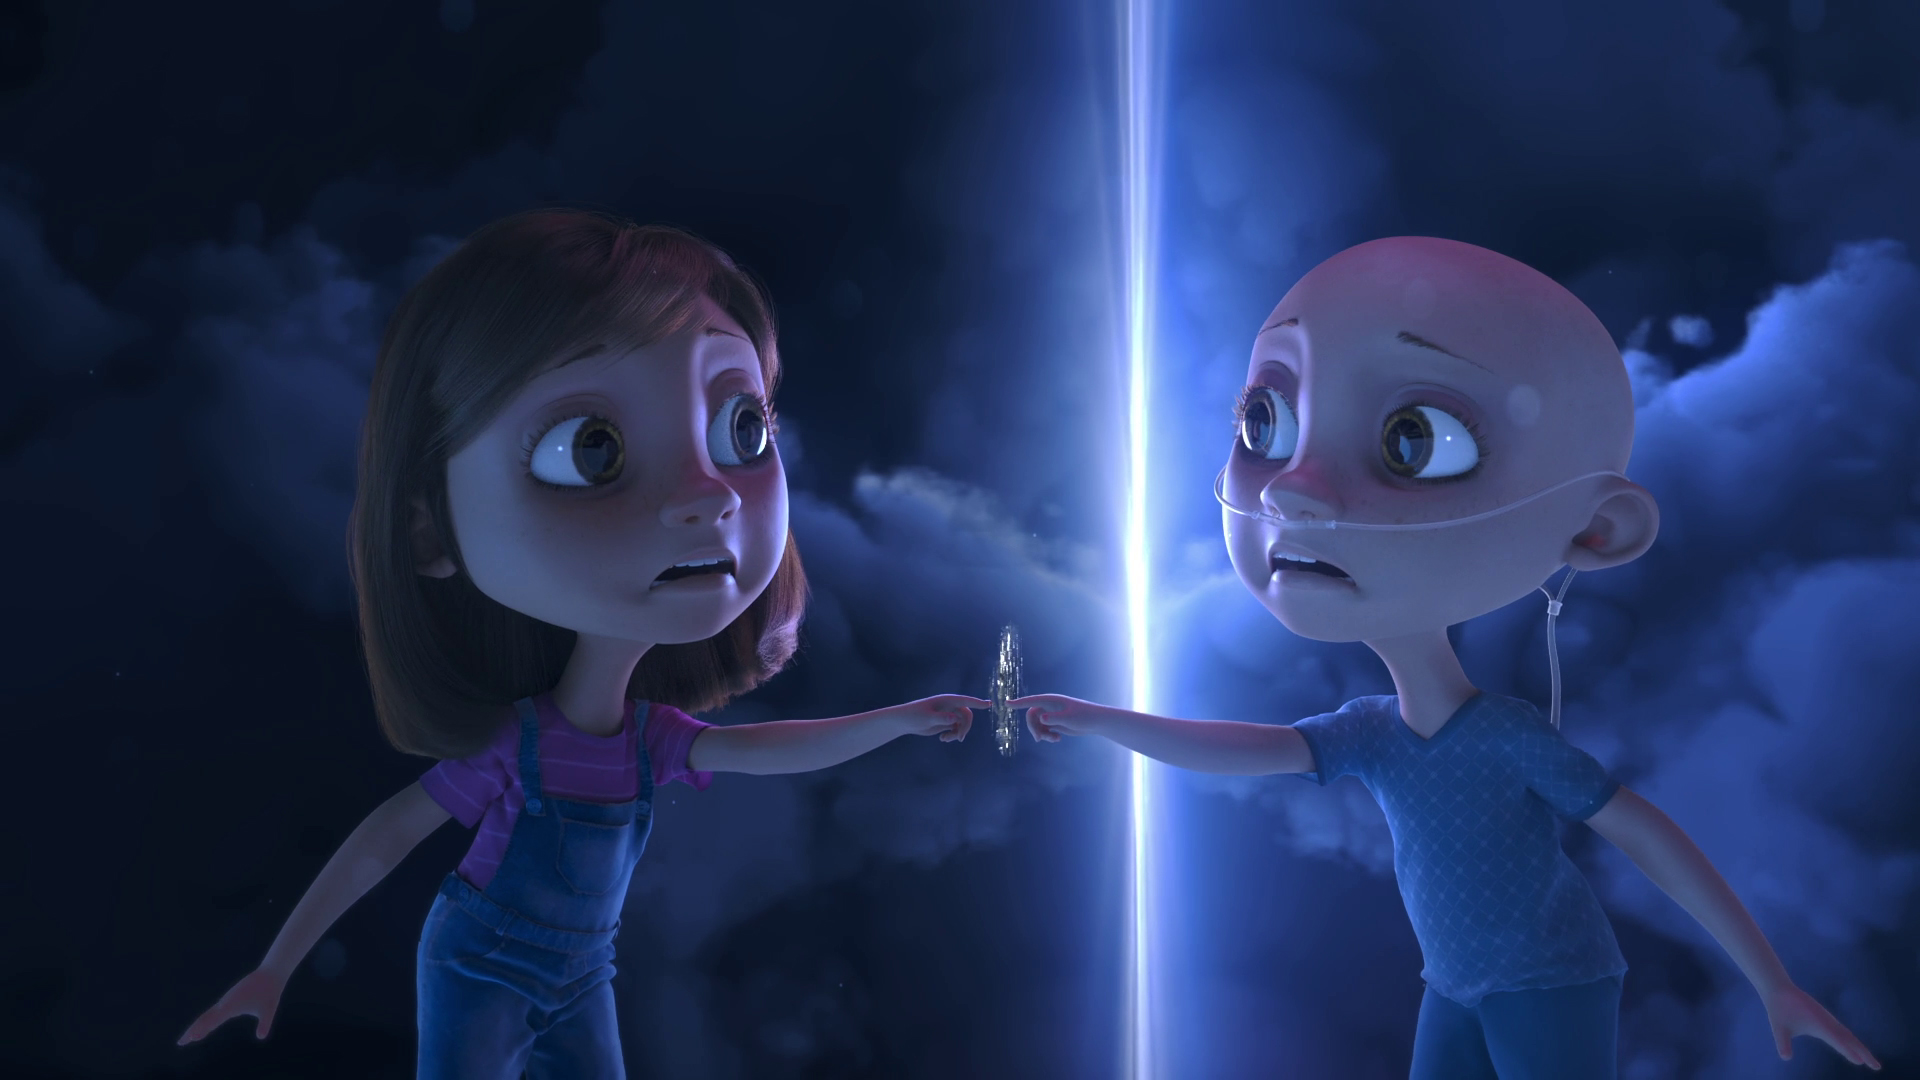 Na ilustração, uma menina com câncer expressa espanto ao ver outra versão dela mesma. A menina da direita está careca, veste roupas de um paciente de hospital e está com tubos de oxigênio no nariz. A menina da esquerda possui aparência saudável, veste macacão e camiseta rosa.